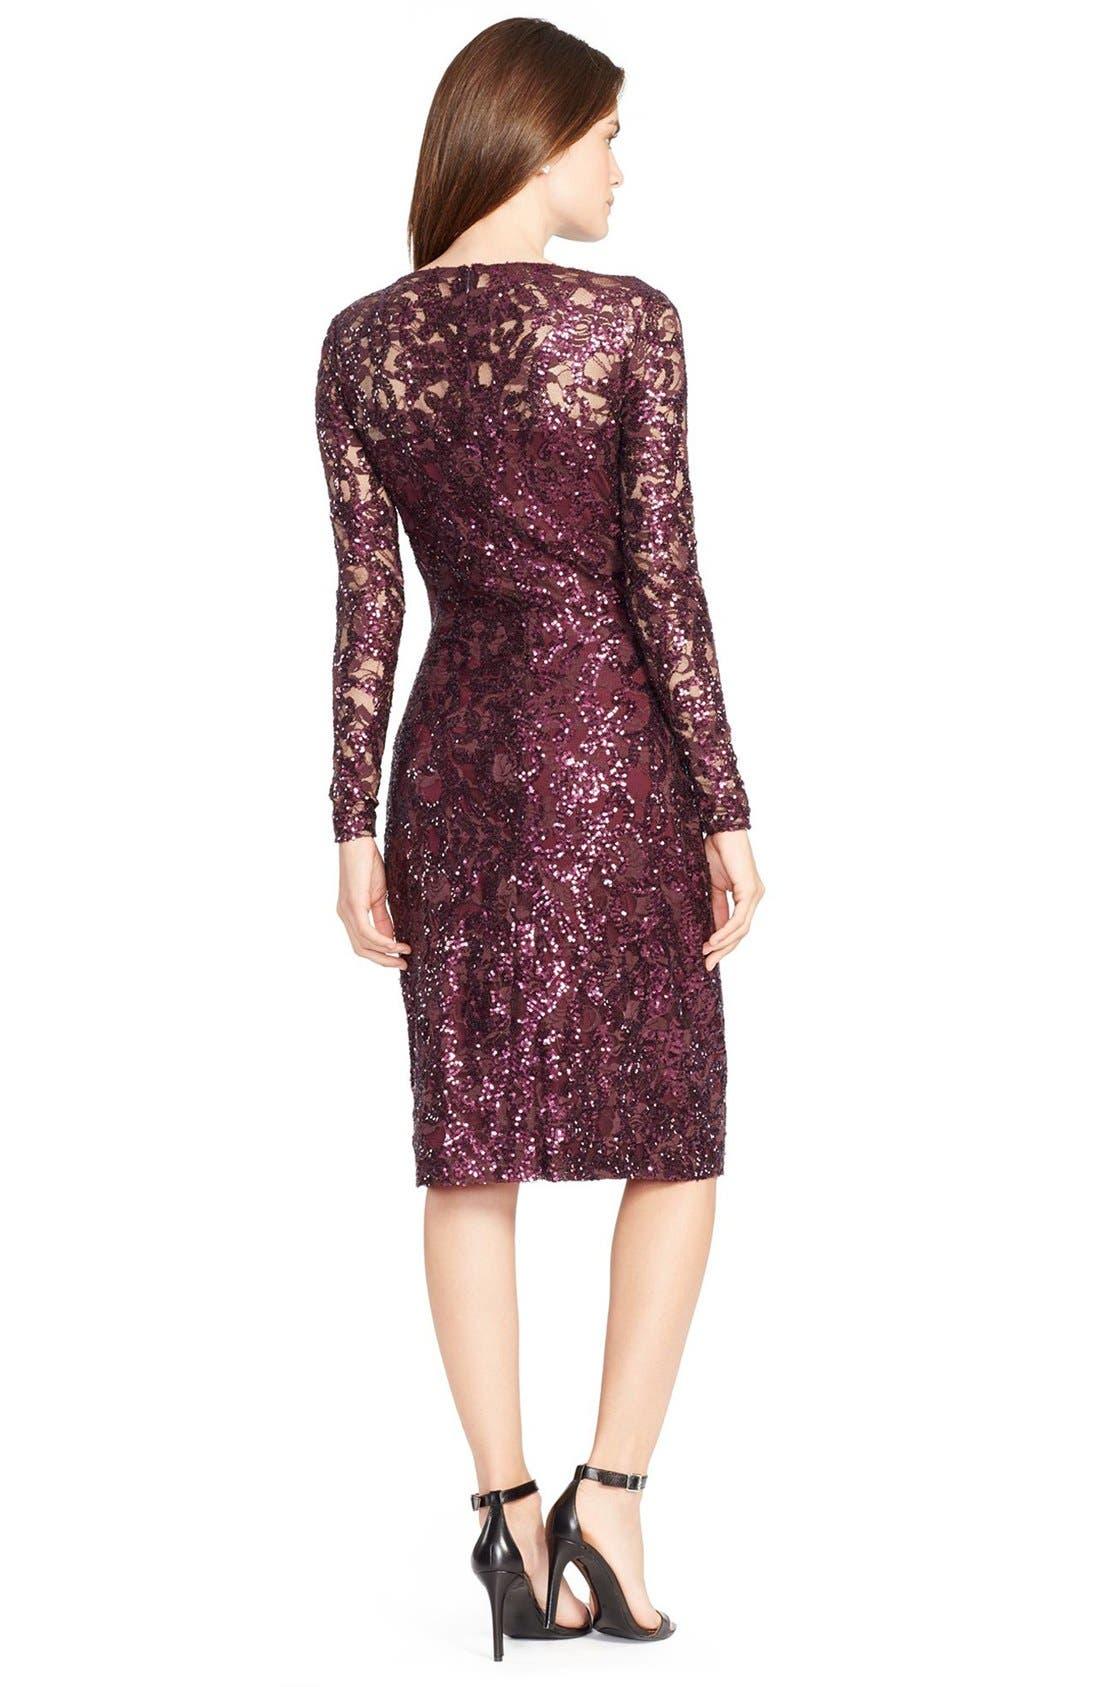 Sequin Lace Sheath Dress,                             Alternate thumbnail 2, color,                             600